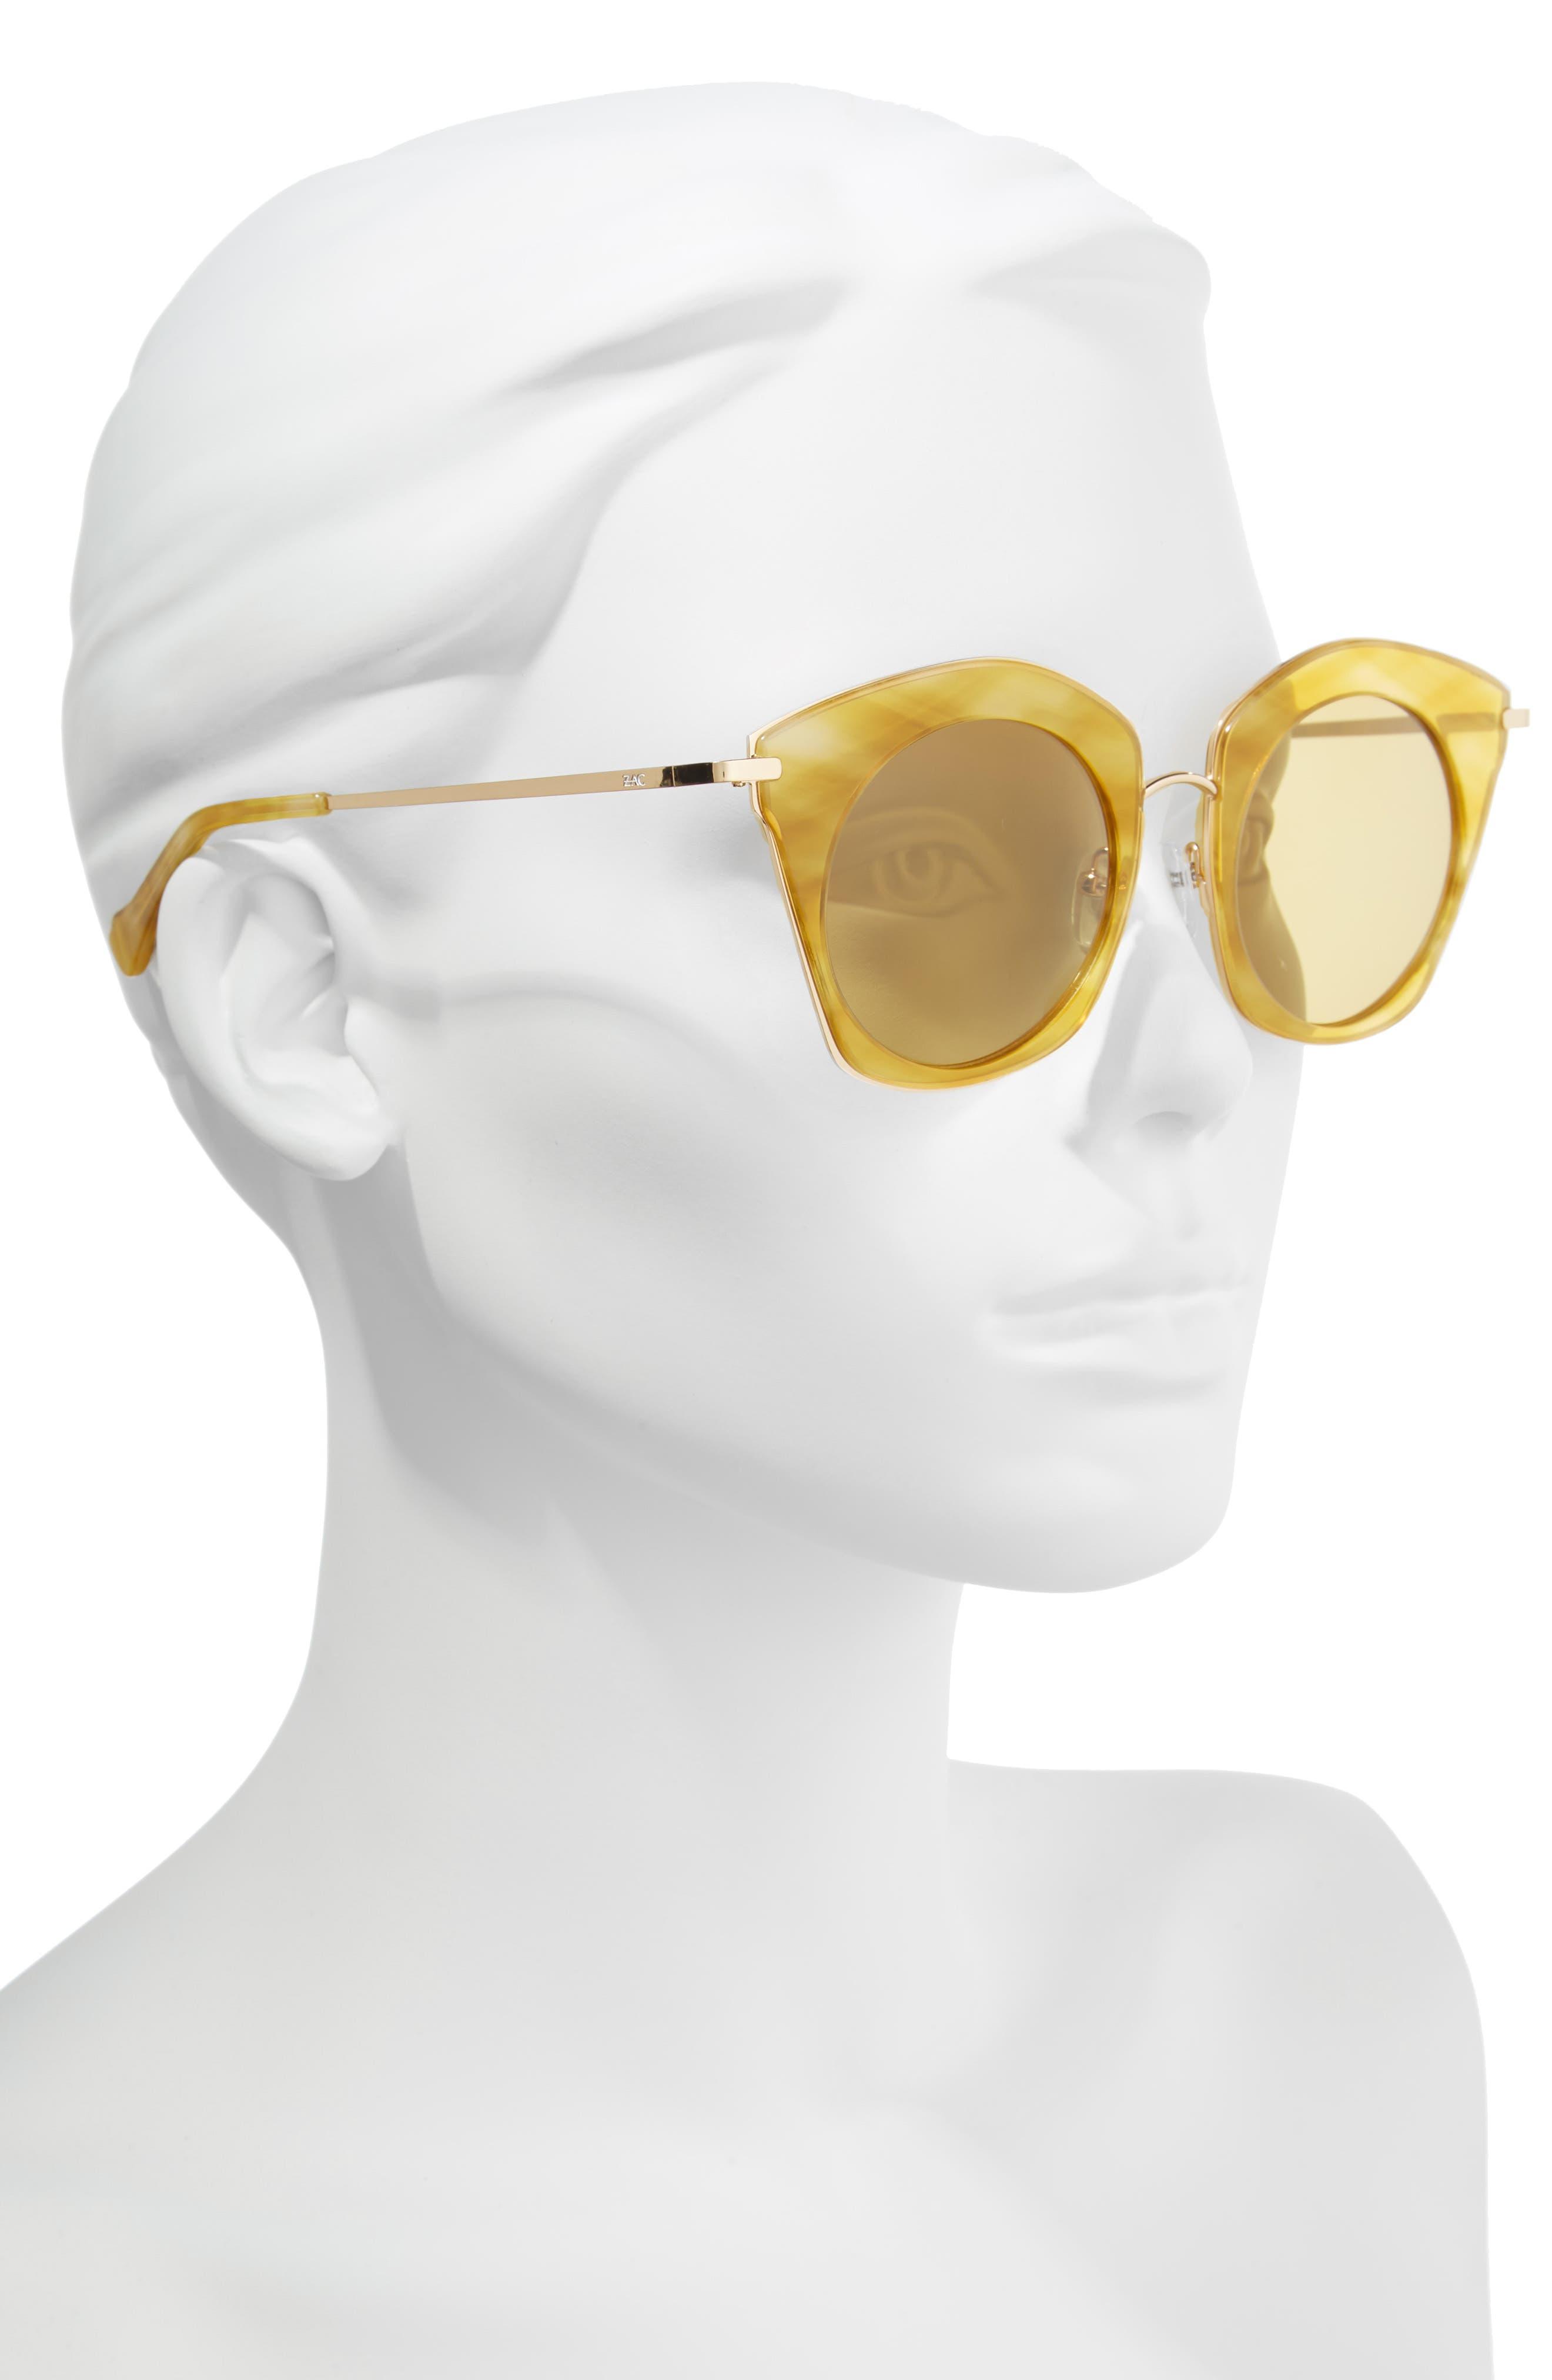 Benita 52mm Polarized Sunglasses,                             Alternate thumbnail 2, color,                             Gold Polar